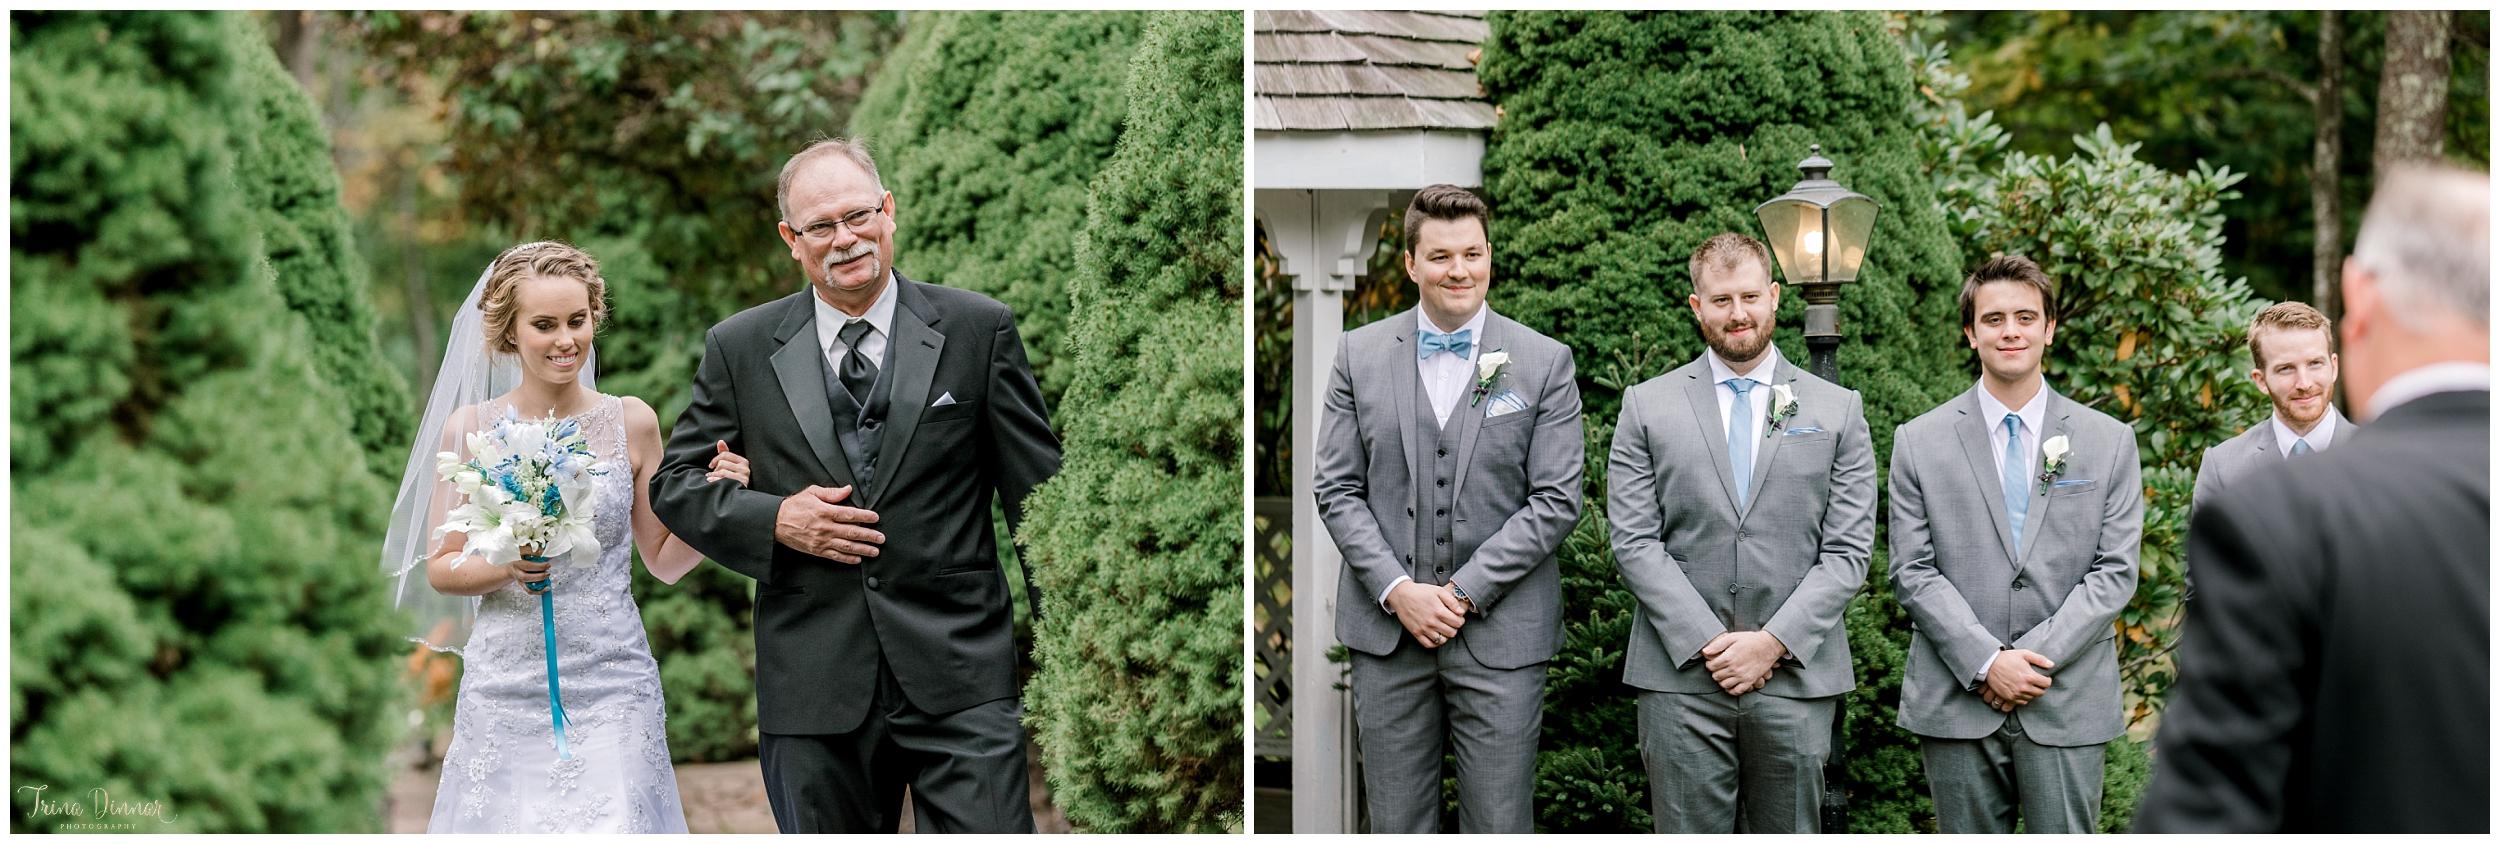 Cape Neddick wedding ceremony